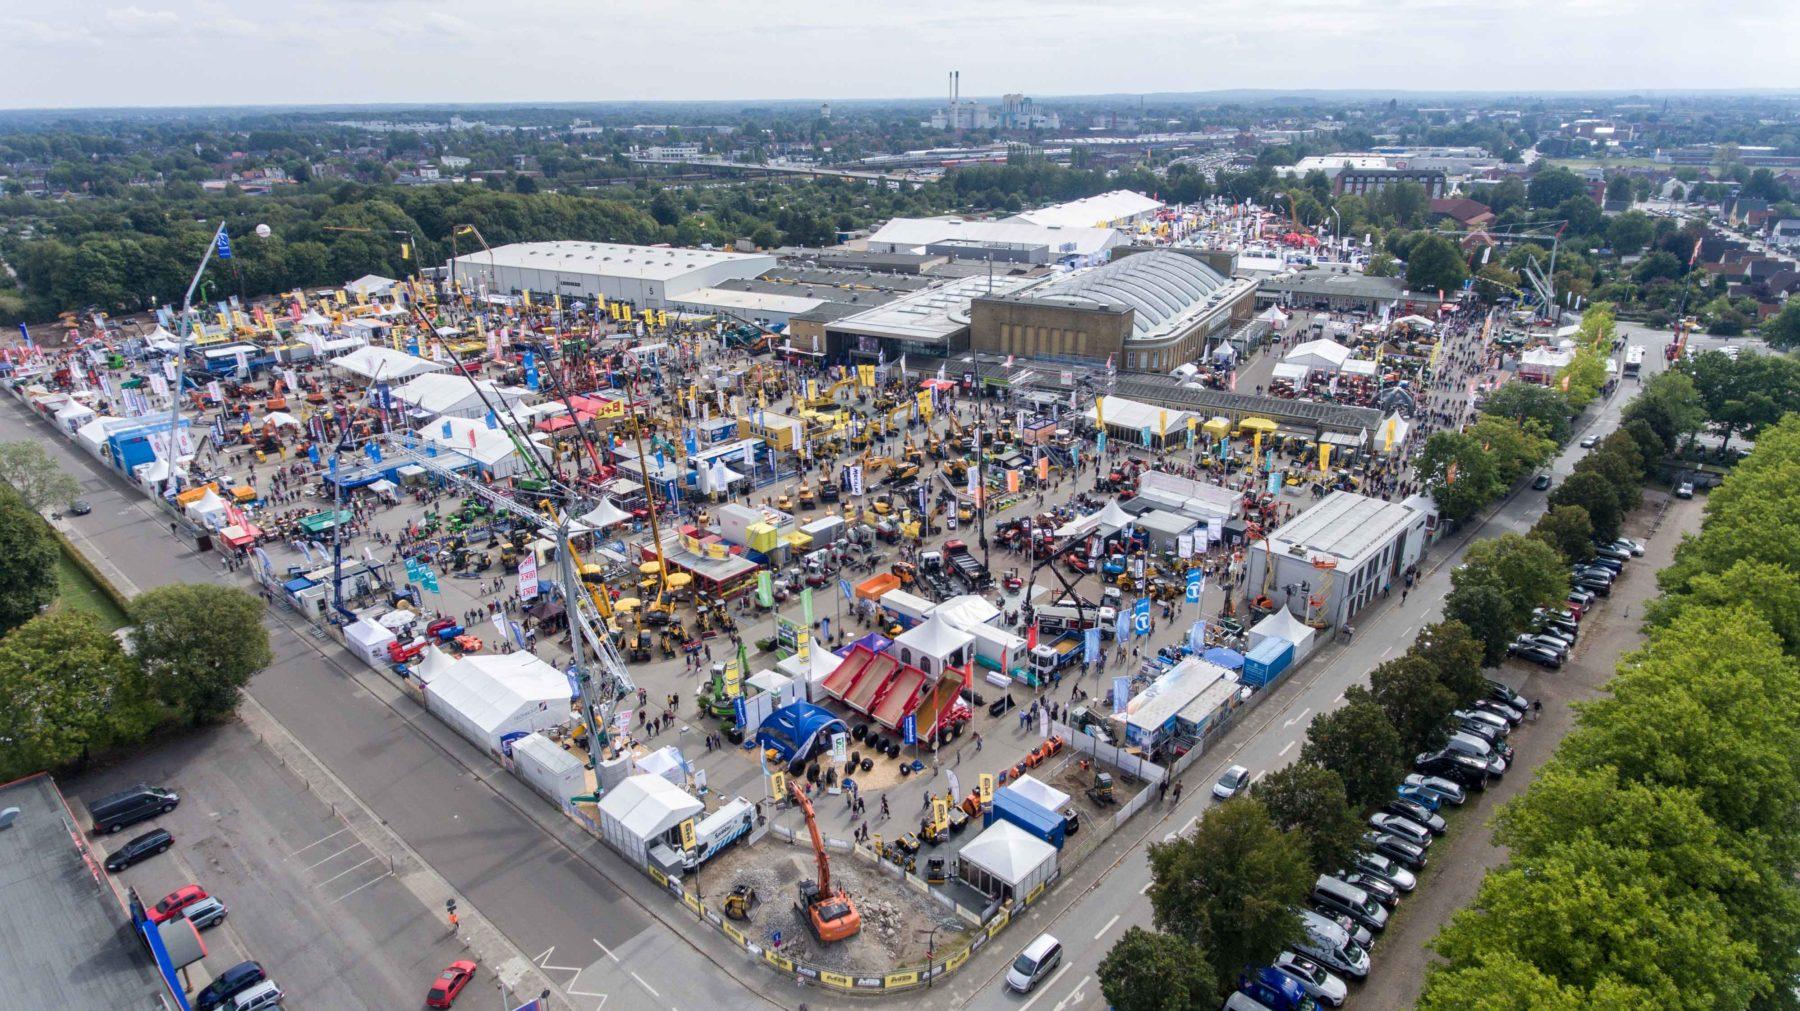 Die Nordbau findet in diesem Jahr vom 11. bis 15. September statt. Foto: Holstenhallen Neumünster/Messe Nordbau/Six Concept